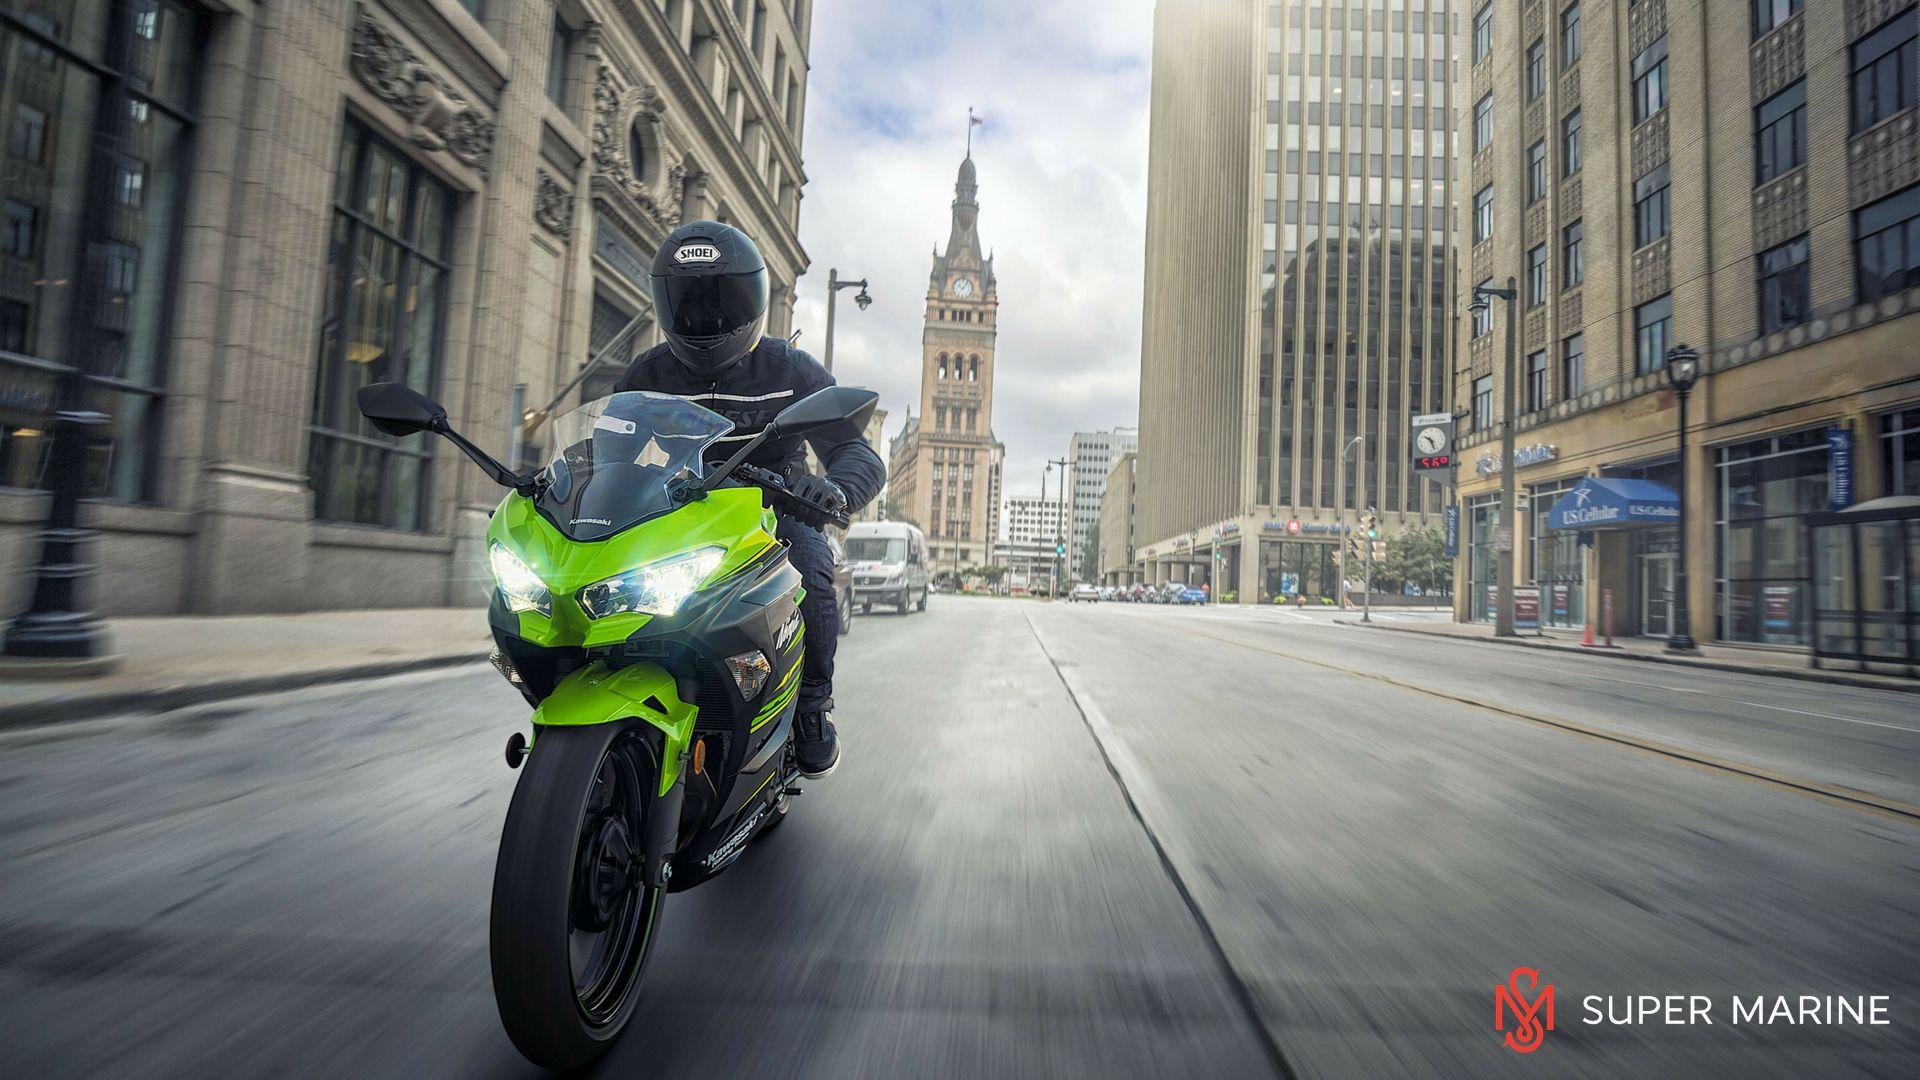 Мотоцикл Kawasaki Ninja 400 Черный 2020 - 13